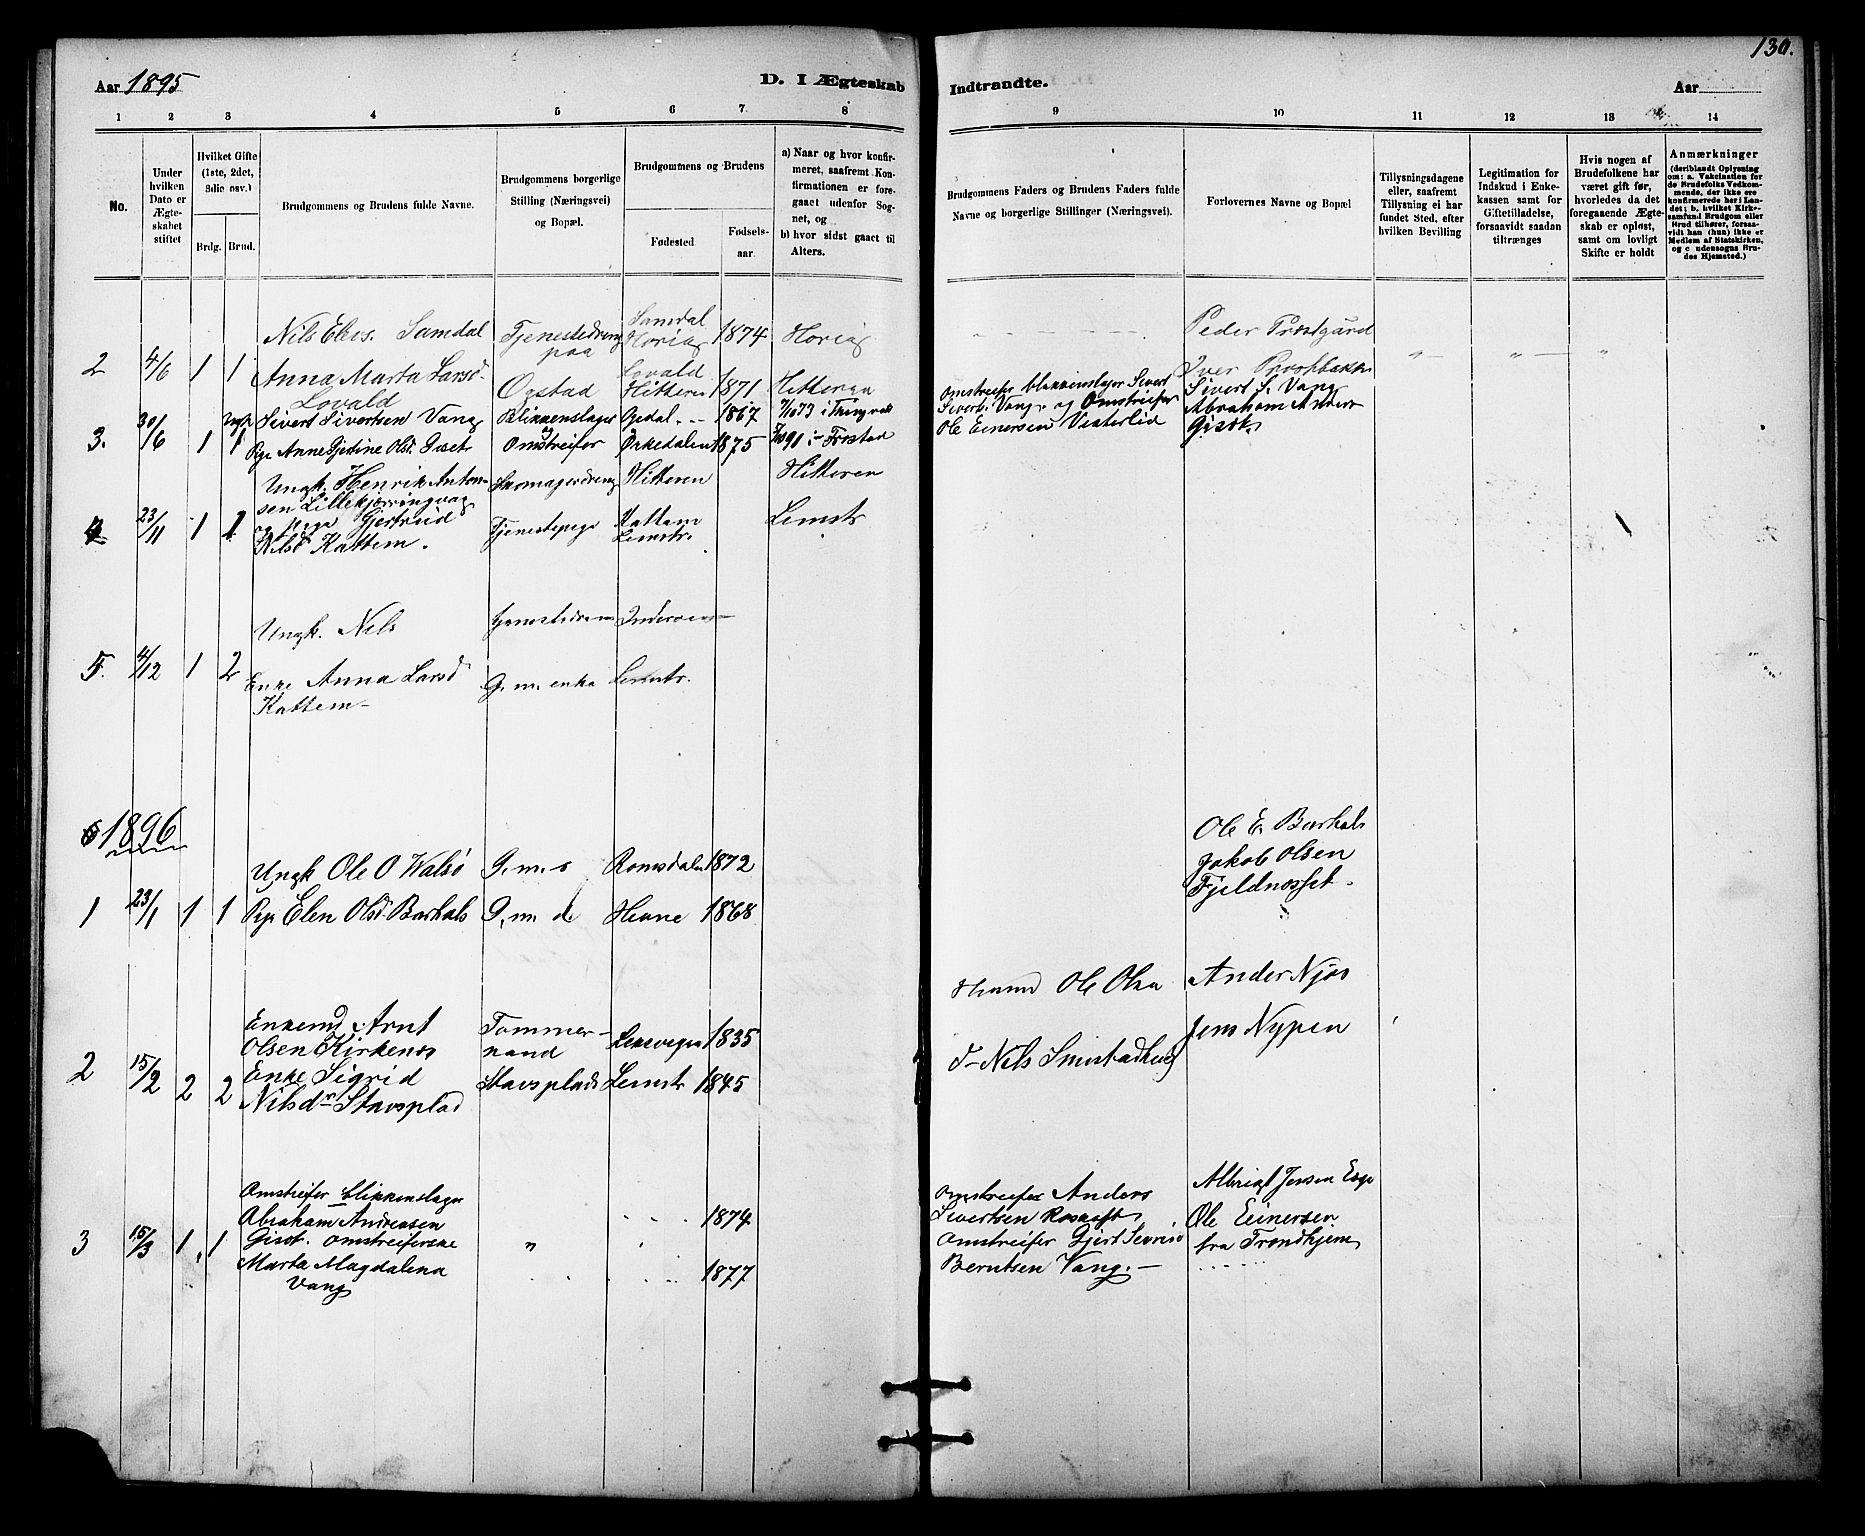 SAT, Ministerialprotokoller, klokkerbøker og fødselsregistre - Sør-Trøndelag, 613/L0395: Klokkerbok nr. 613C03, 1887-1909, s. 130